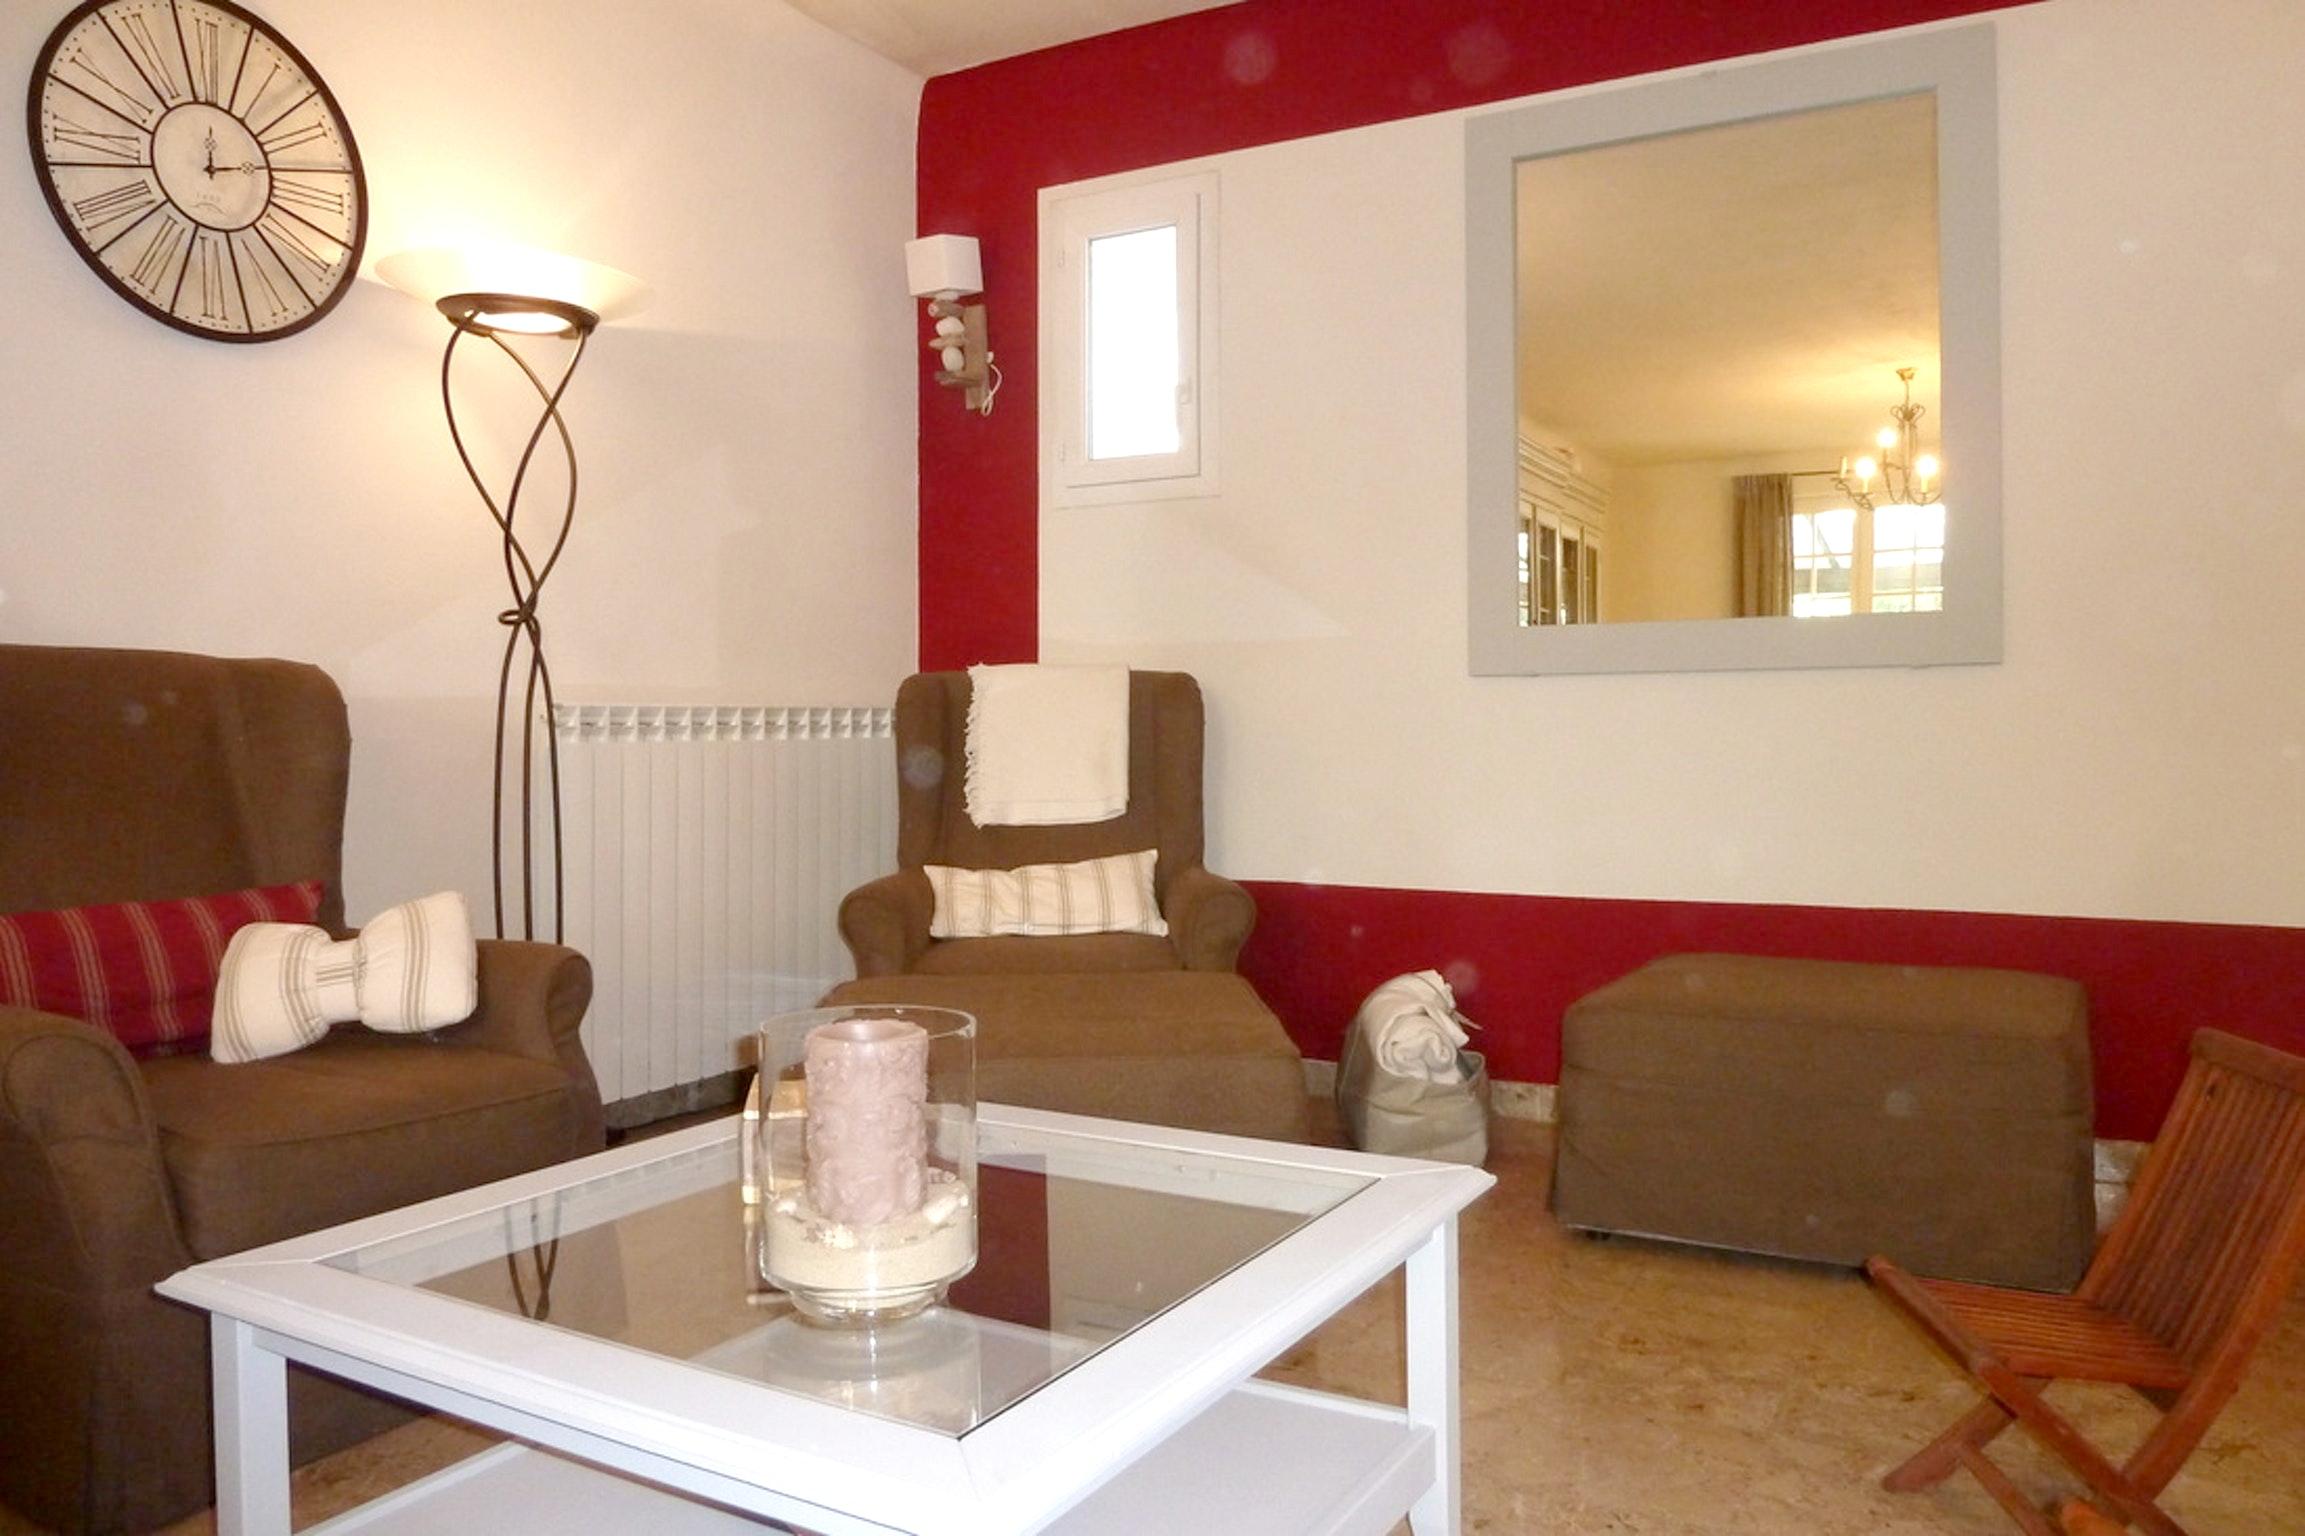 Ferienhaus Haus mit 6 Schlafzimmern in Pernes-les-Fontaines mit privatem Pool, möbliertem Garten und  (2377414), Pernes les Fontaines, Saône-et-Loire, Burgund, Frankreich, Bild 14